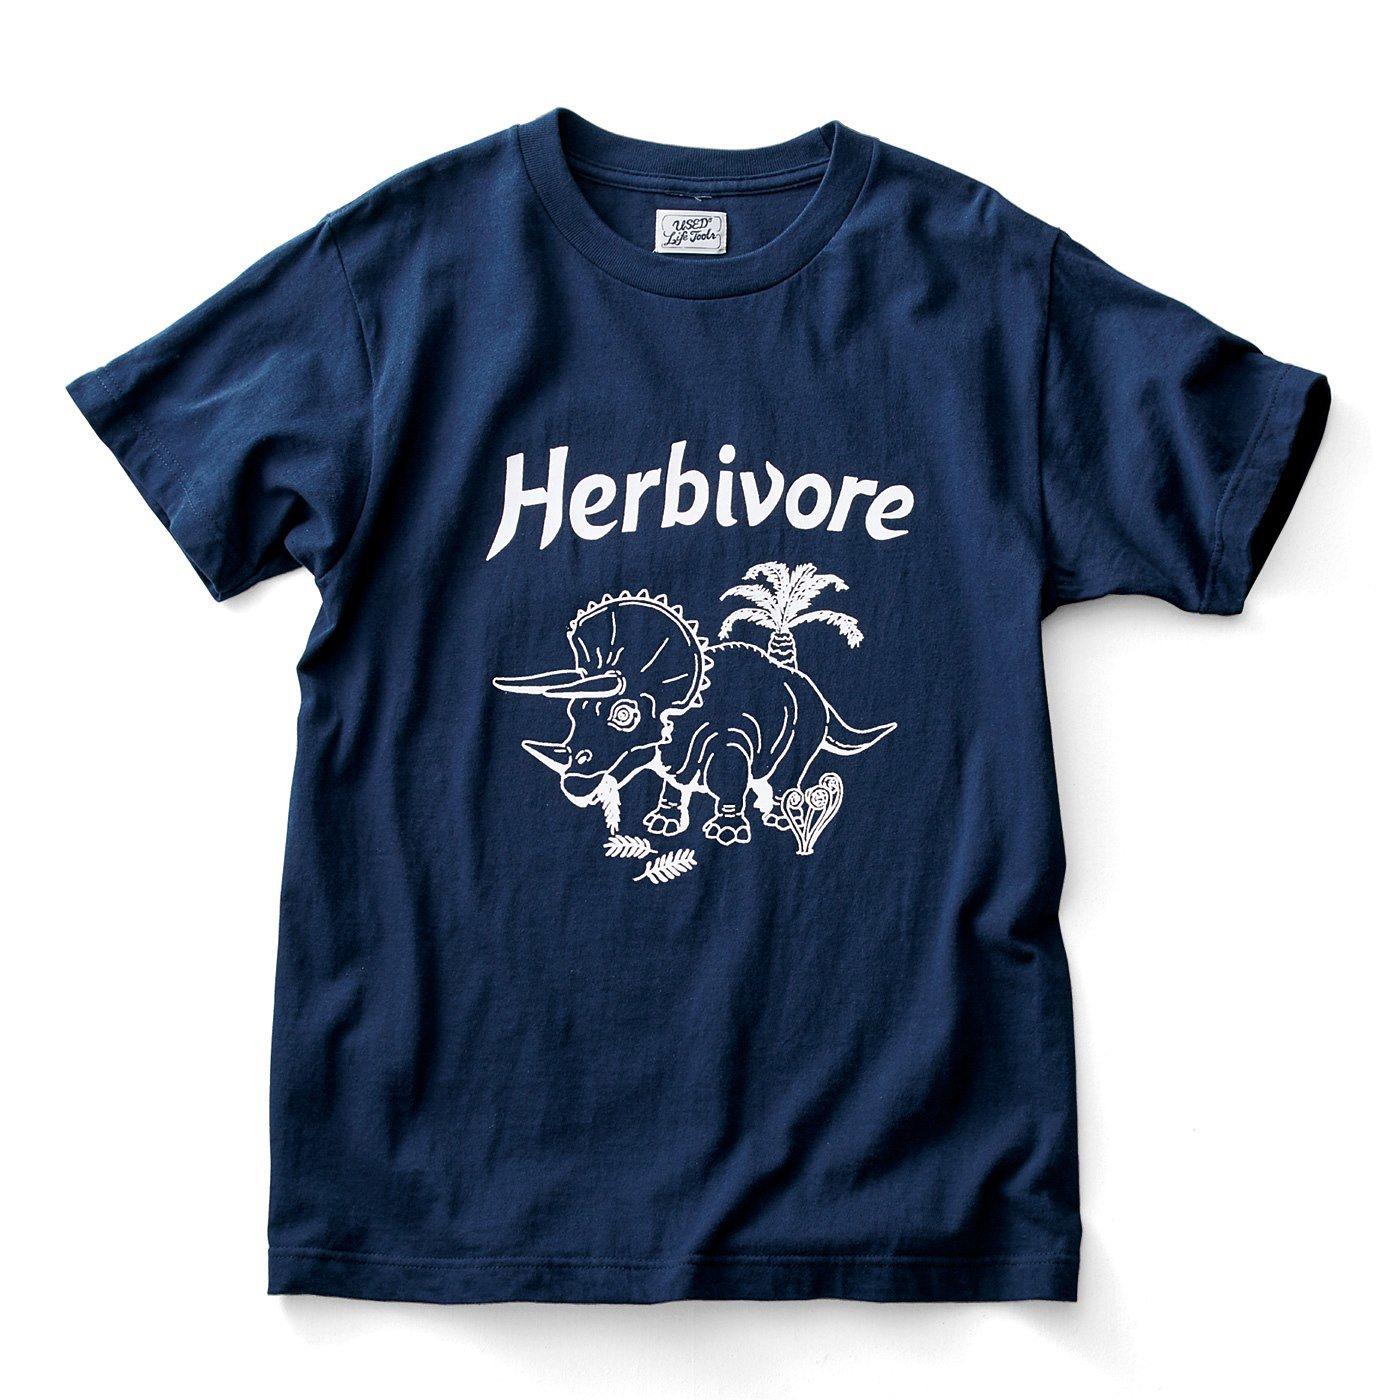 古着屋さんで見つけたような恐竜柄Tシャツ〈Herbivore 草食動物〉